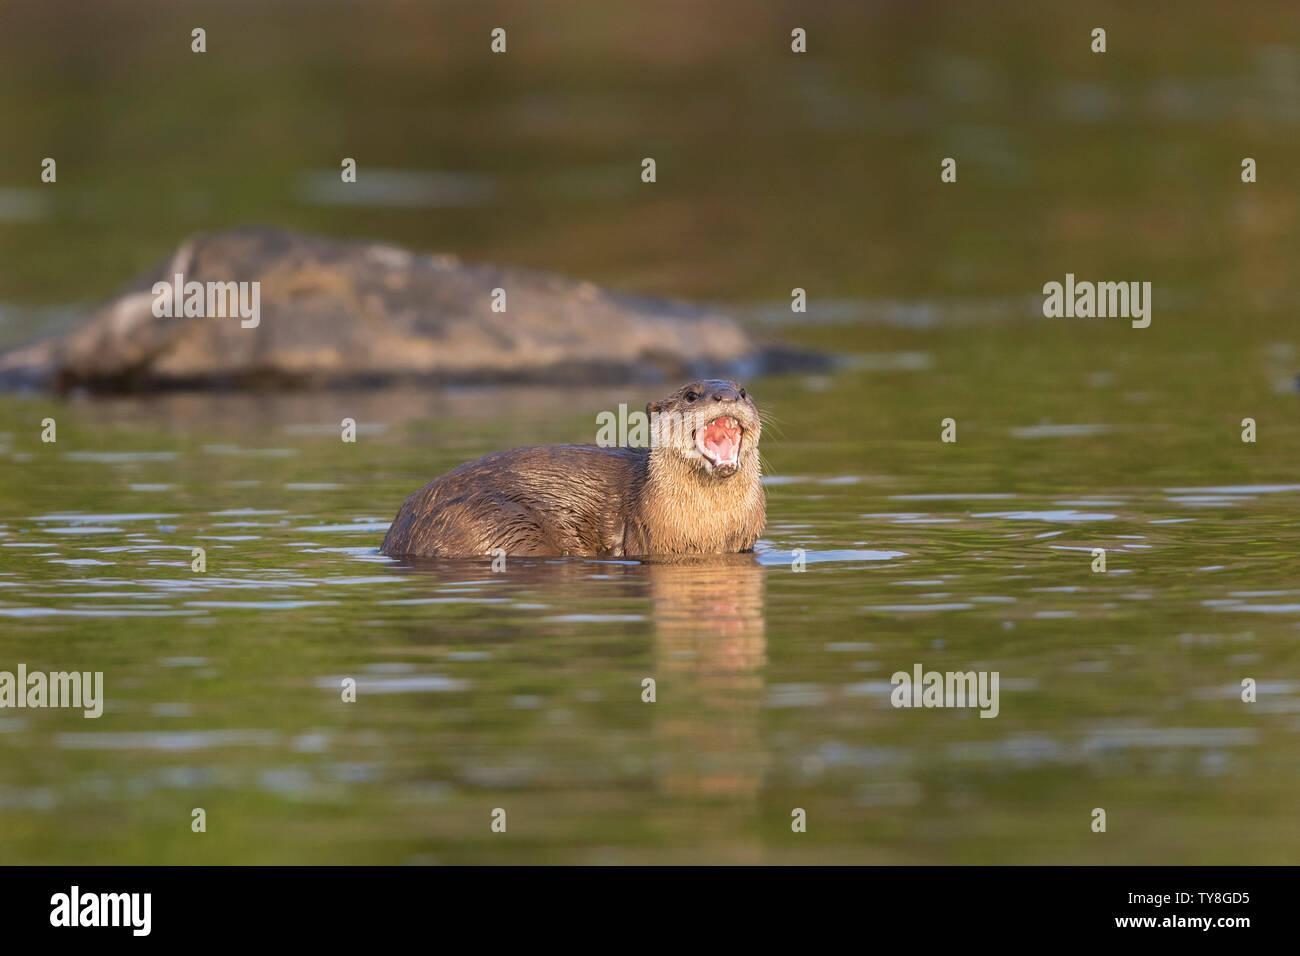 L'image de la loutre à revêtement lisse (Cerdocyon perspicillata) a été prise dans la rivière Chambal, Rajasthan, Inde Banque D'Images